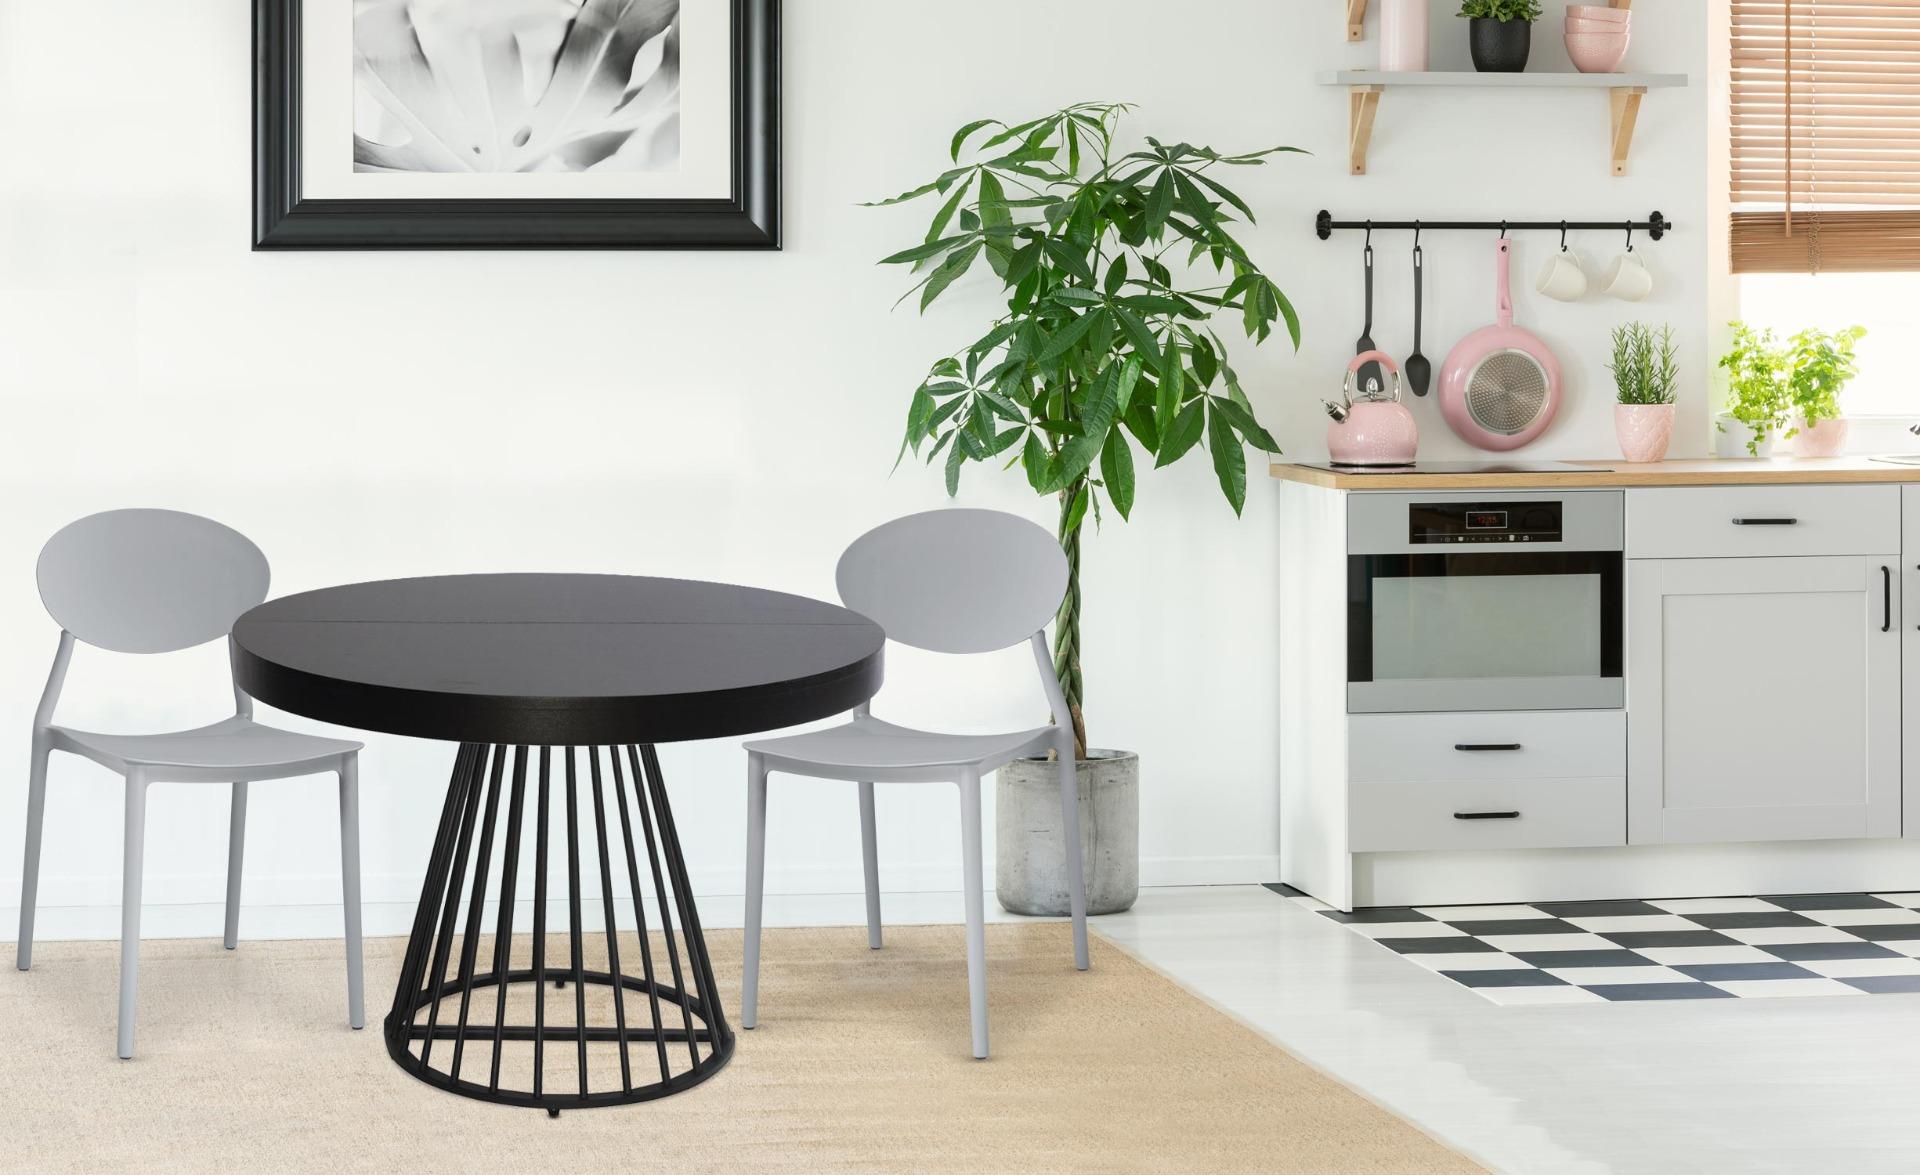 Balagan Set mit 4 stapelbaren Stühlen Grau